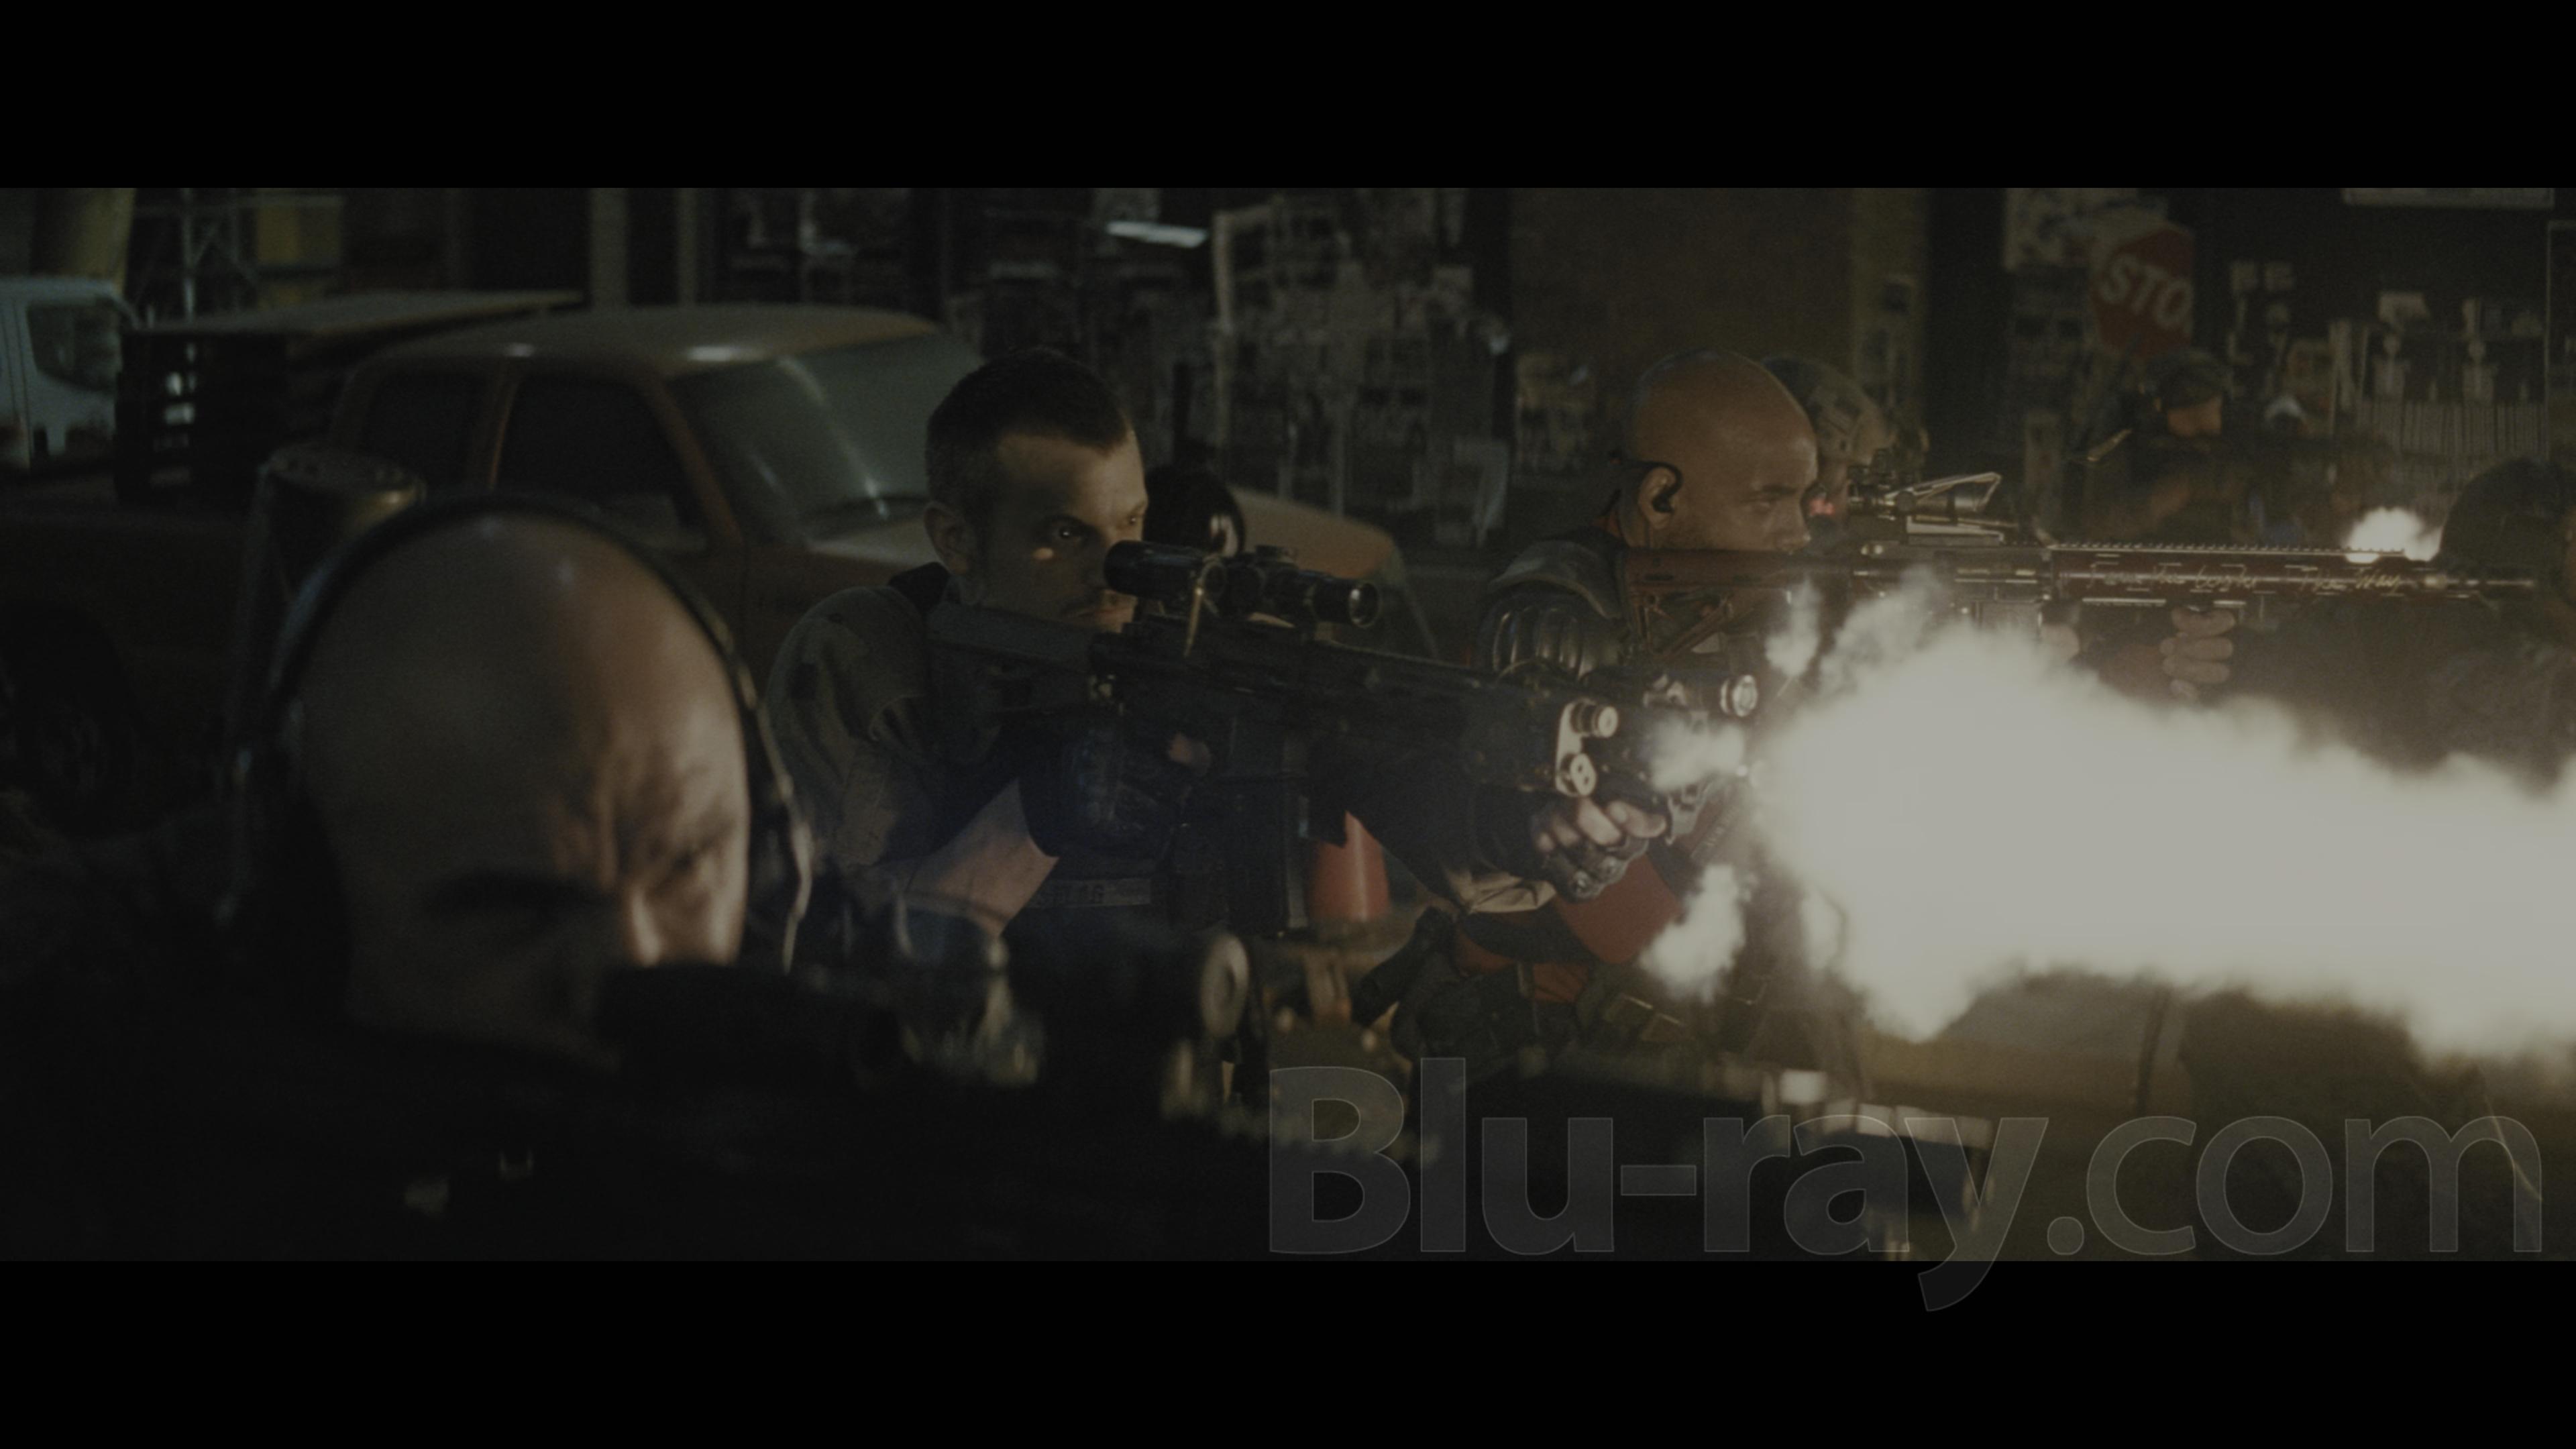 「4K美影」自杀小队:加长版 Suicide Squad : Extented Version(2016)「屏录版,非破解版」